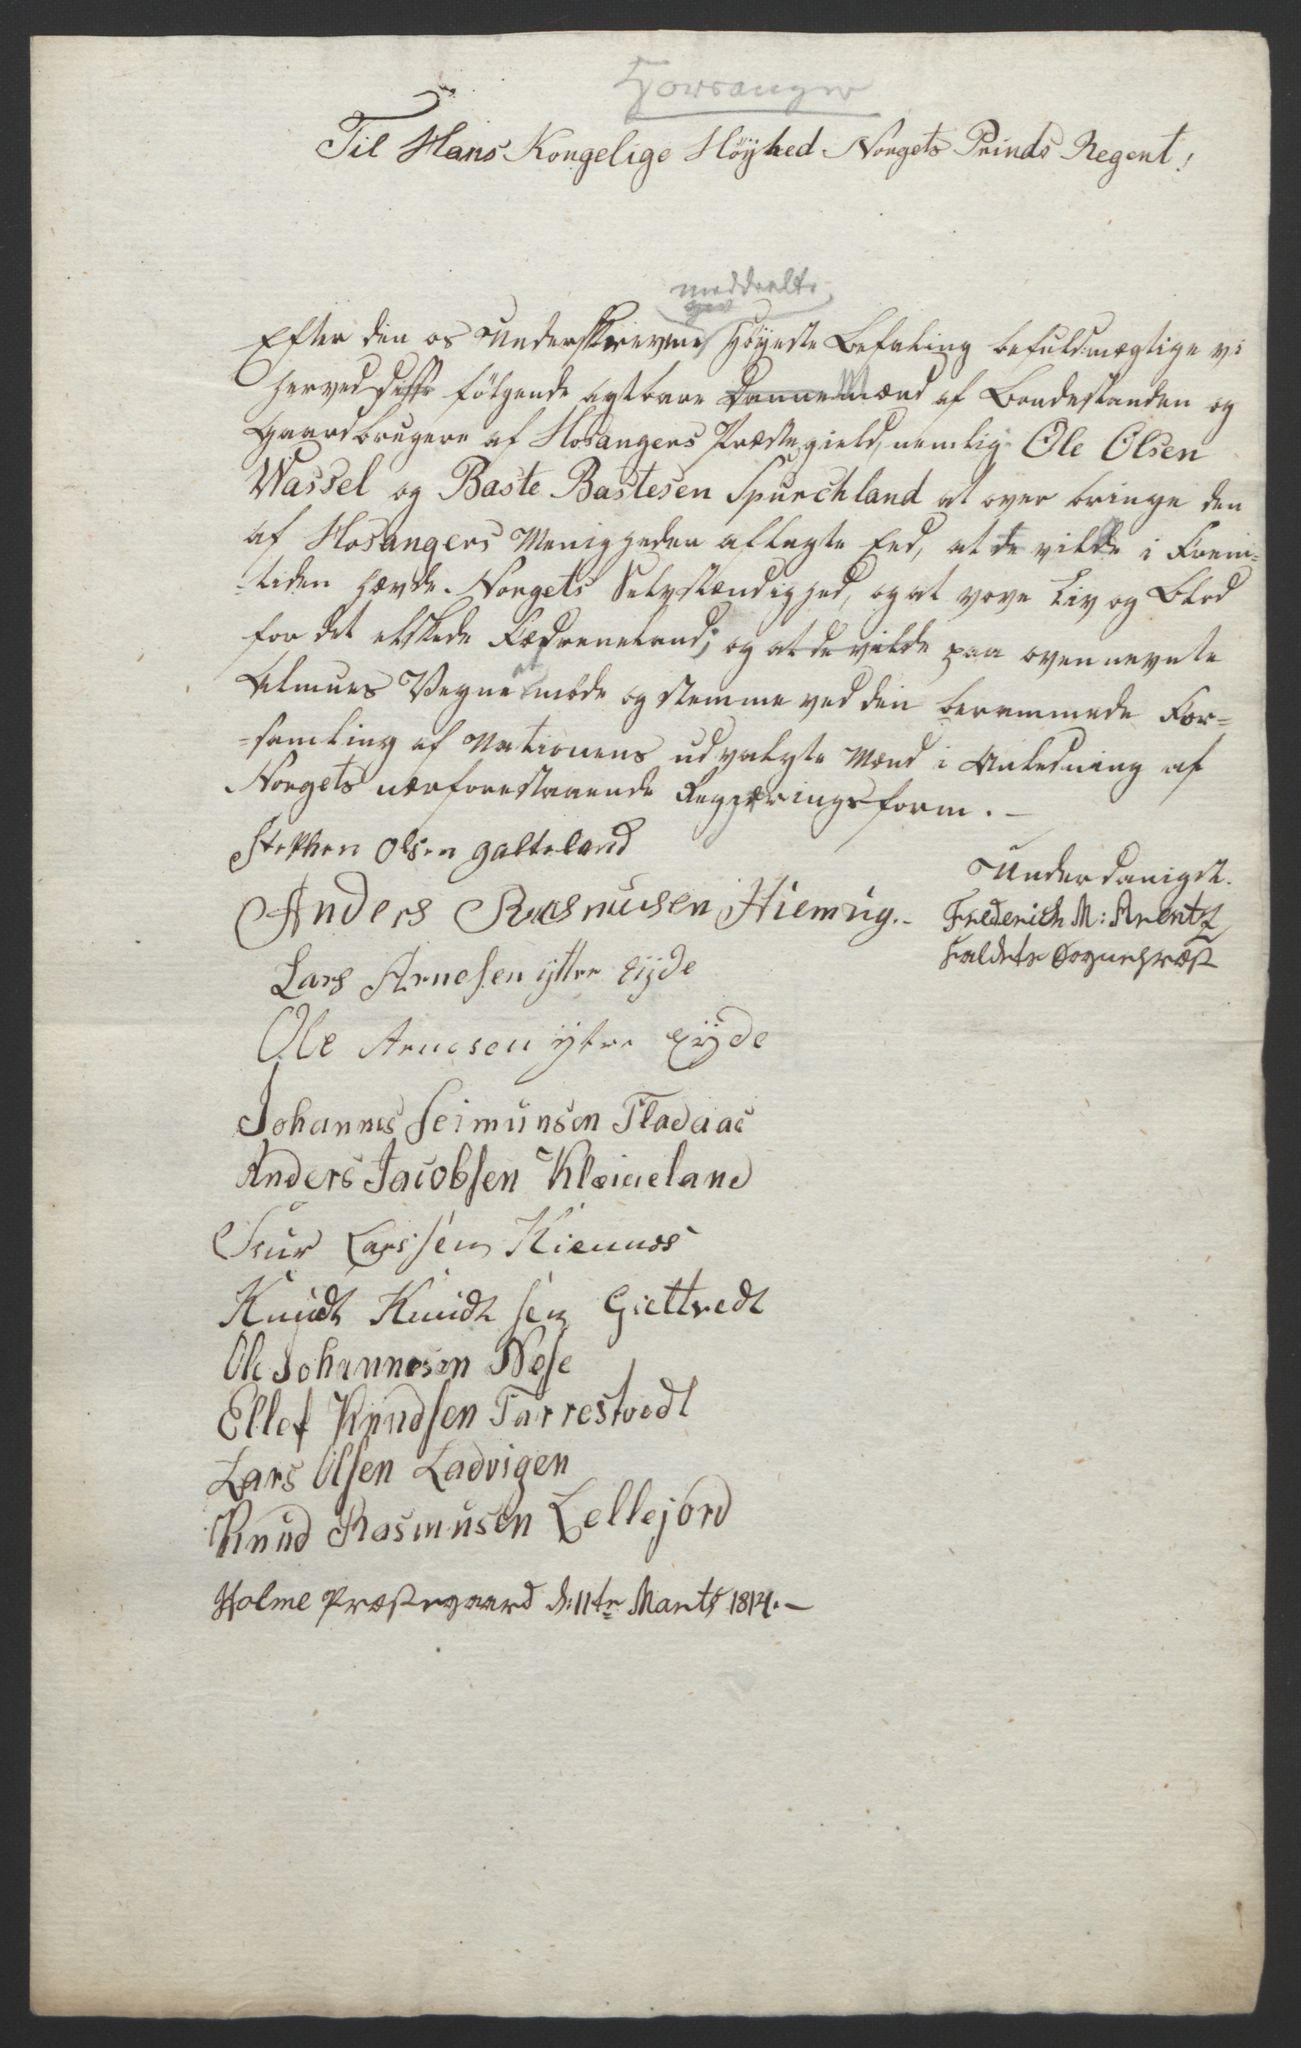 RA, Statsrådssekretariatet, D/Db/L0008: Fullmakter for Eidsvollsrepresentantene i 1814. , 1814, s. 283